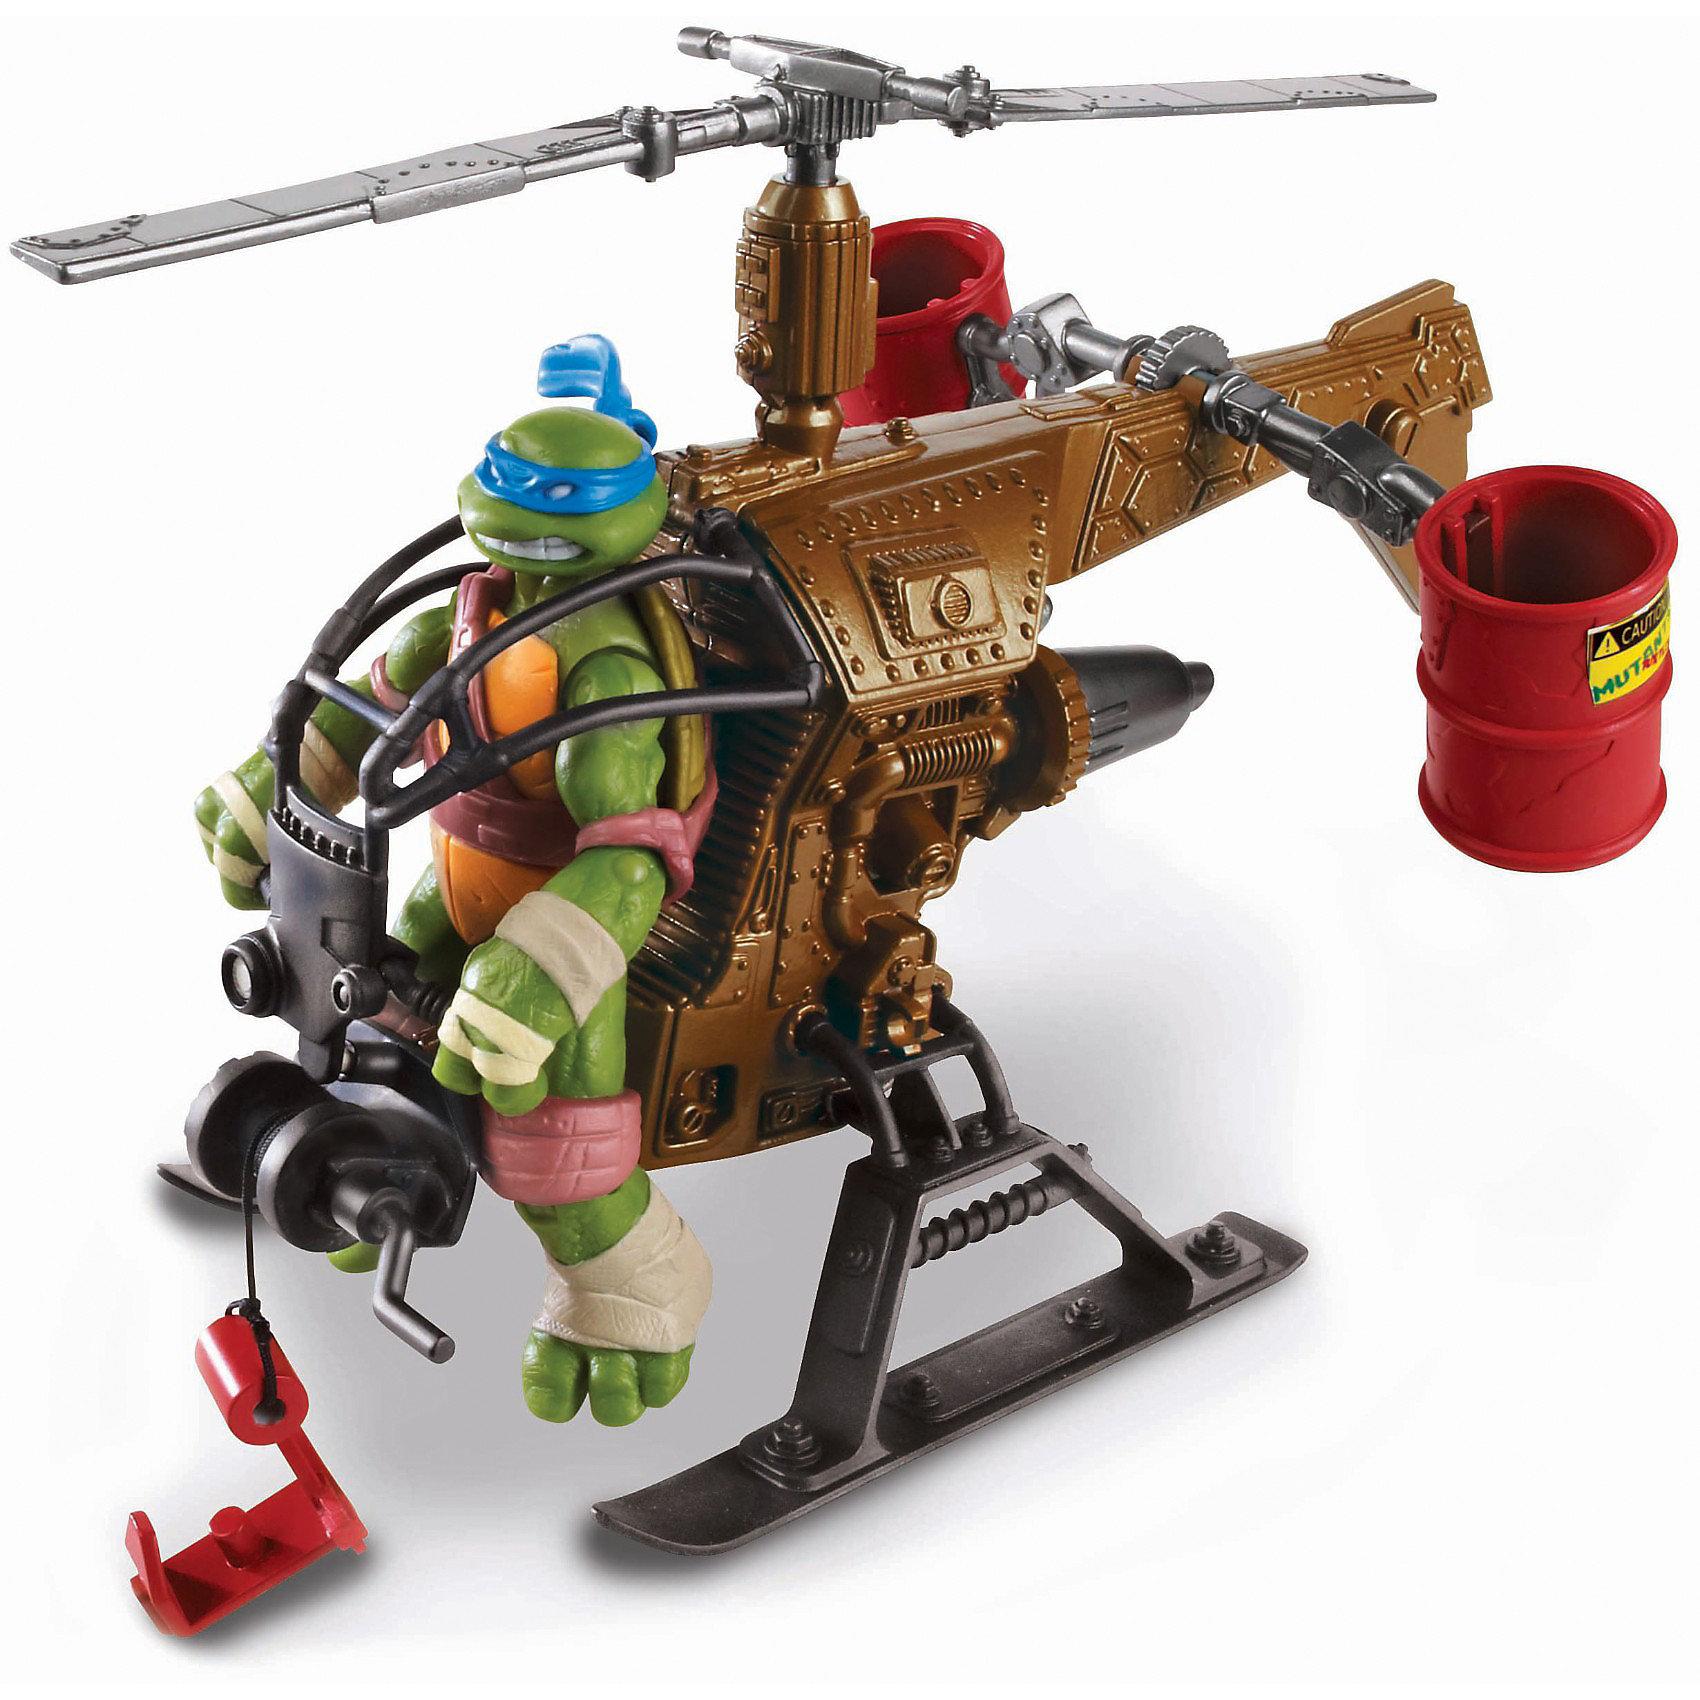 Вертолет Черепашки НиндзяИгрушки<br>Вертолёт «Черепашек-ниндзя»  -  игровой набор боевой вертолёт для атаки врага с воздуха - надёжный помощник братьев «Черепашек-ниндзя».<br>С помощью  вертолета, «Черепашки-ниндзя» могут оставаться незамеченными для врага и неожиданно настичь его.<br>Нужно всего лишь расположить одну из фигурок «Черепашек-Ниндзя»  12см, в удобном кресле пилота и лететь на борьбу с коварными злодеями.  В игровой набор входят две опрокидывающиеся бочки, которые можно наполнить мутагеном – это  боевой раствор мыльной воды зелёного цвета (продается отдельно). В передней части, вертолёт оснащён лебёдкой, с помощью которой можно незаметно высаживать  «Черепашек-ниндзя» в тылу врага, прикрепляя их к пластиковому крюку-держателю.                                                <br>Вертолёт  наших героев оснащен вращающимся винтом (ручное вращение).<br>Данный игровой набор развивает фантазию, воображение, умение создать сюжетно-ролевую игру.<br>Вертолет «Черепашек-Ниндзя» (Ninja Turtles)  продается в яркой и красивой  упаковке.<br><br>Черепашки-ниндзя покажут всем, кто тут главный! <br><br>Дополнительная информация:<br><br>-Размер вертолёта (ВхДхШ): 16х18х15см.<br>- Материал: Пластик                                                <br>- Вес: 0,348 кг.<br>- Фигурки «Черепашек-ниндзя» в набор не входят, их можно приобрести отдельно, артикулы.<br><br>«Вертолет Черепашки Ниндзя» можно купить в нашем интернет-магазине.<br><br>Ширина мм: 240<br>Глубина мм: 70<br>Высота мм: 190<br>Вес г: 350<br>Возраст от месяцев: 48<br>Возраст до месяцев: 132<br>Пол: Мужской<br>Возраст: Детский<br>SKU: 3377418